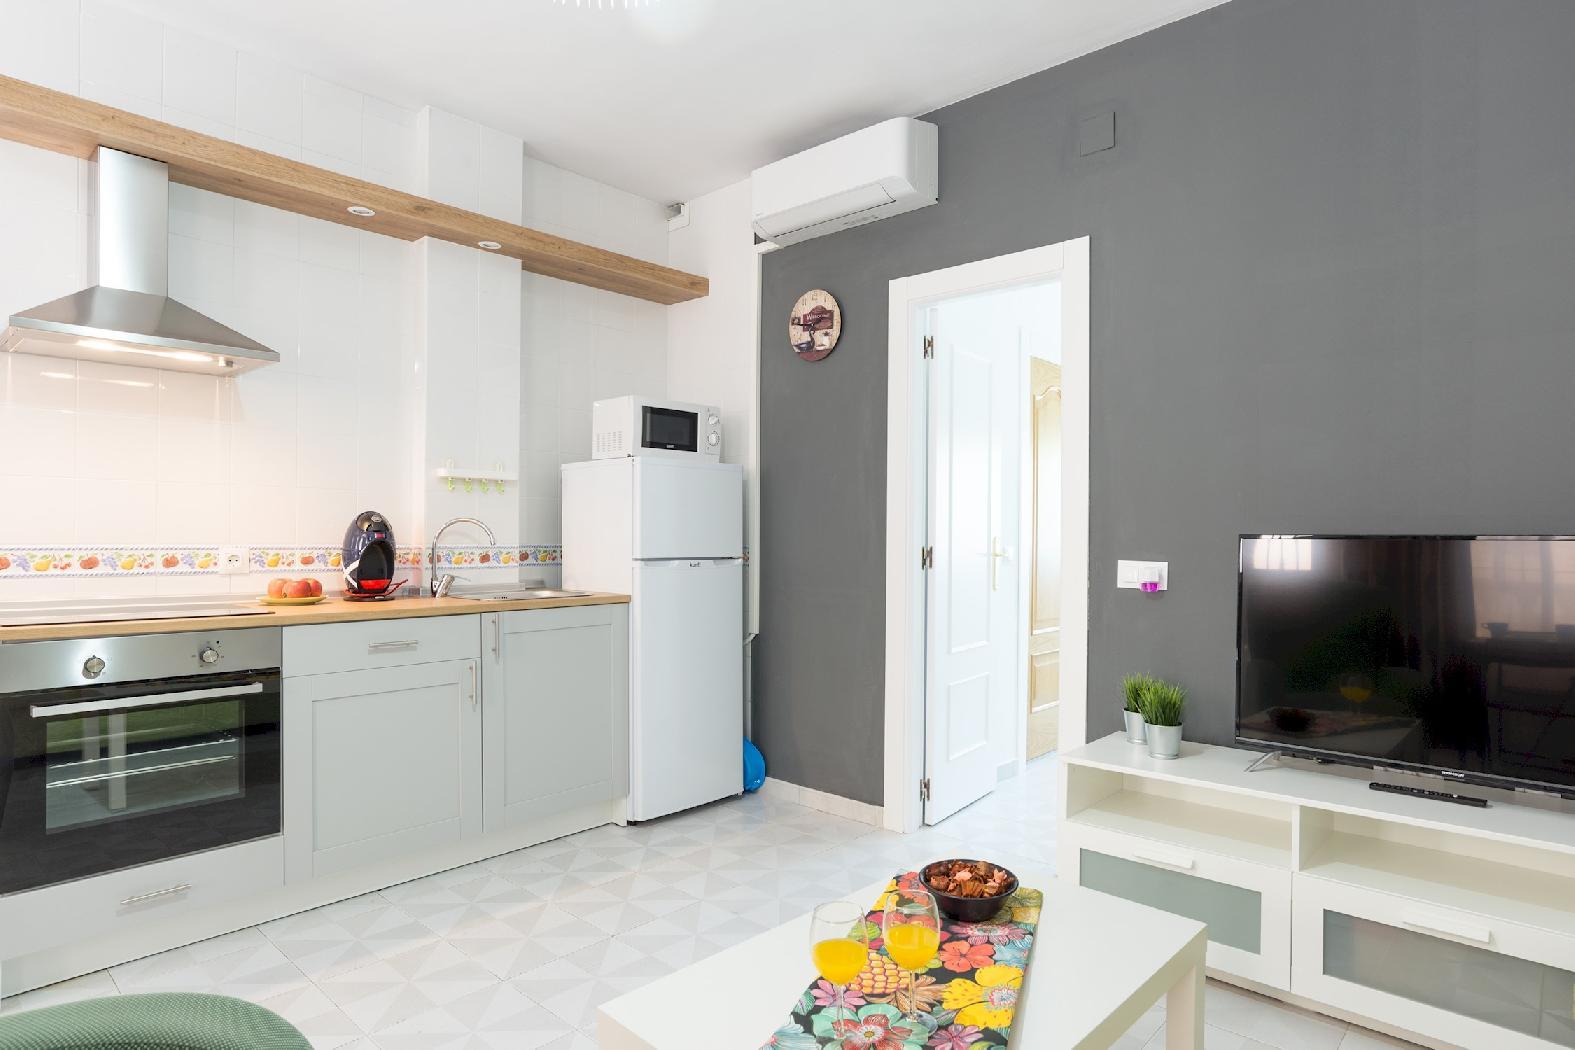 Apartment MalagaSuite Cozy Apartment in Benalmadena photo 14653430